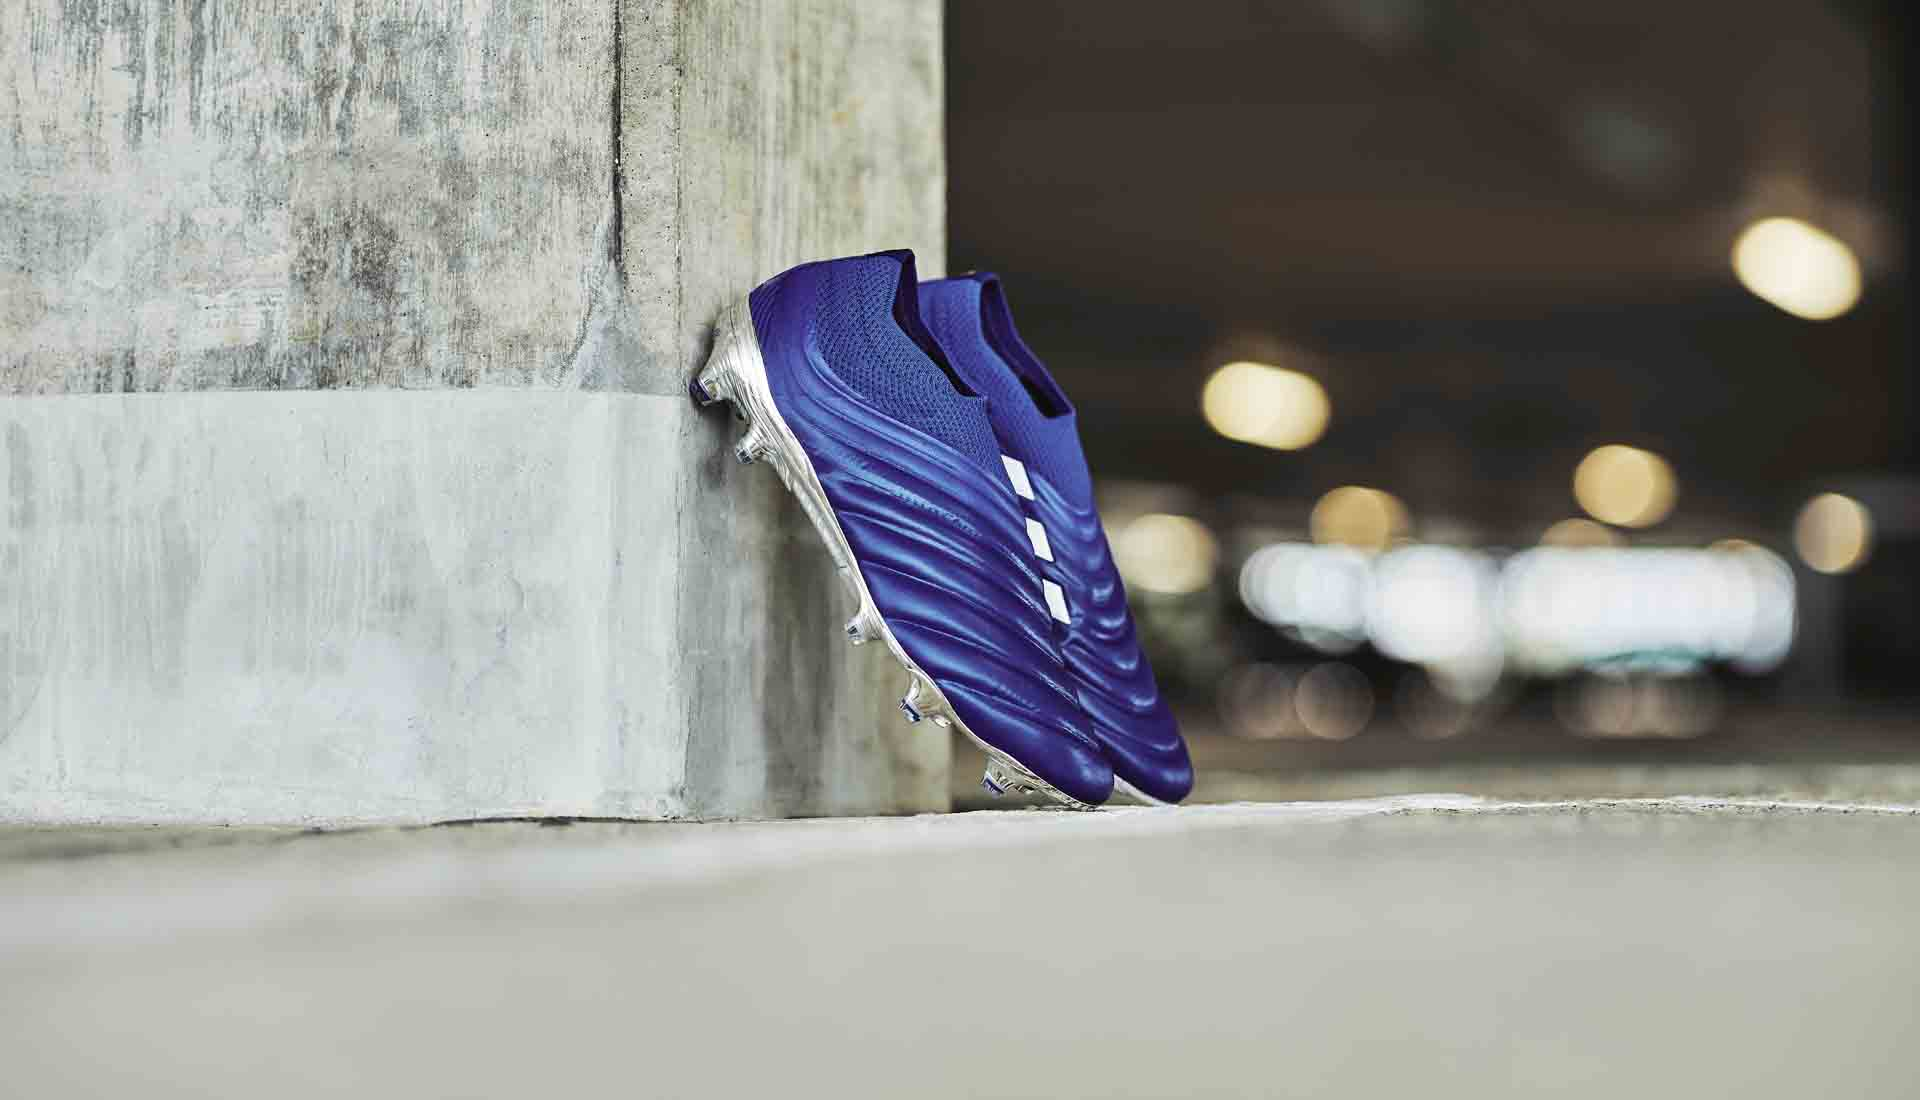 Adidas Copa 19+ trong bộ sưu tập Inflight pack mới nhất của Adidas